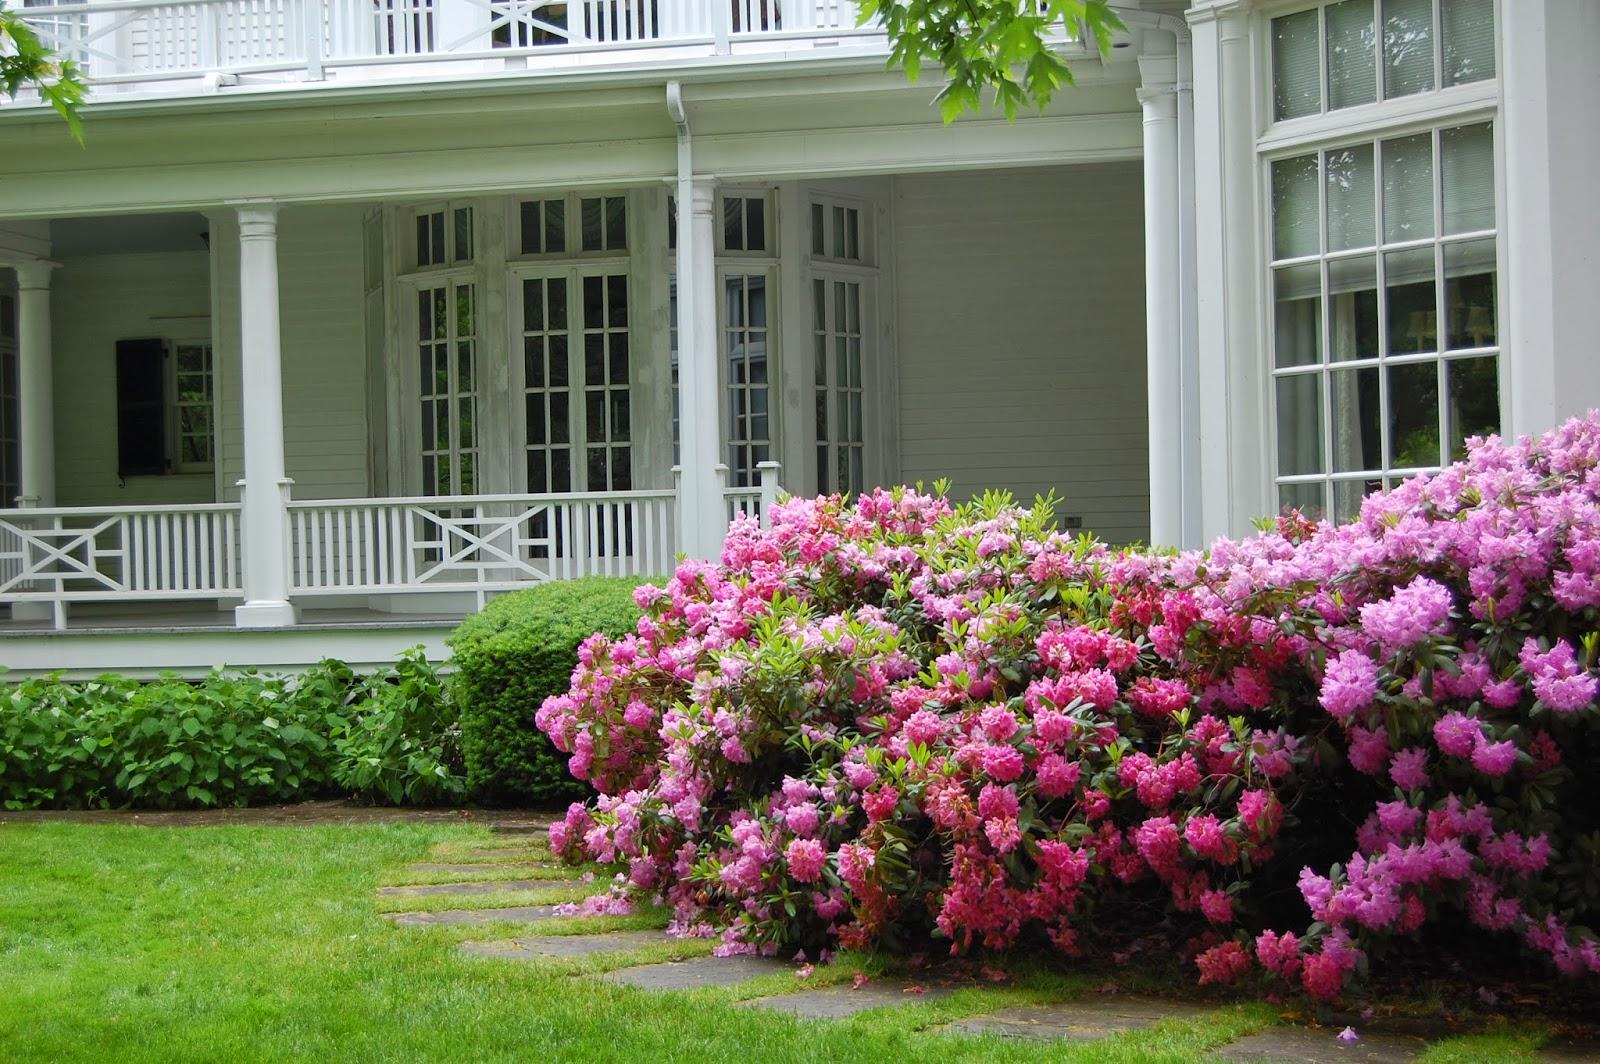 Astrid S Garden Design Pink In The Garden